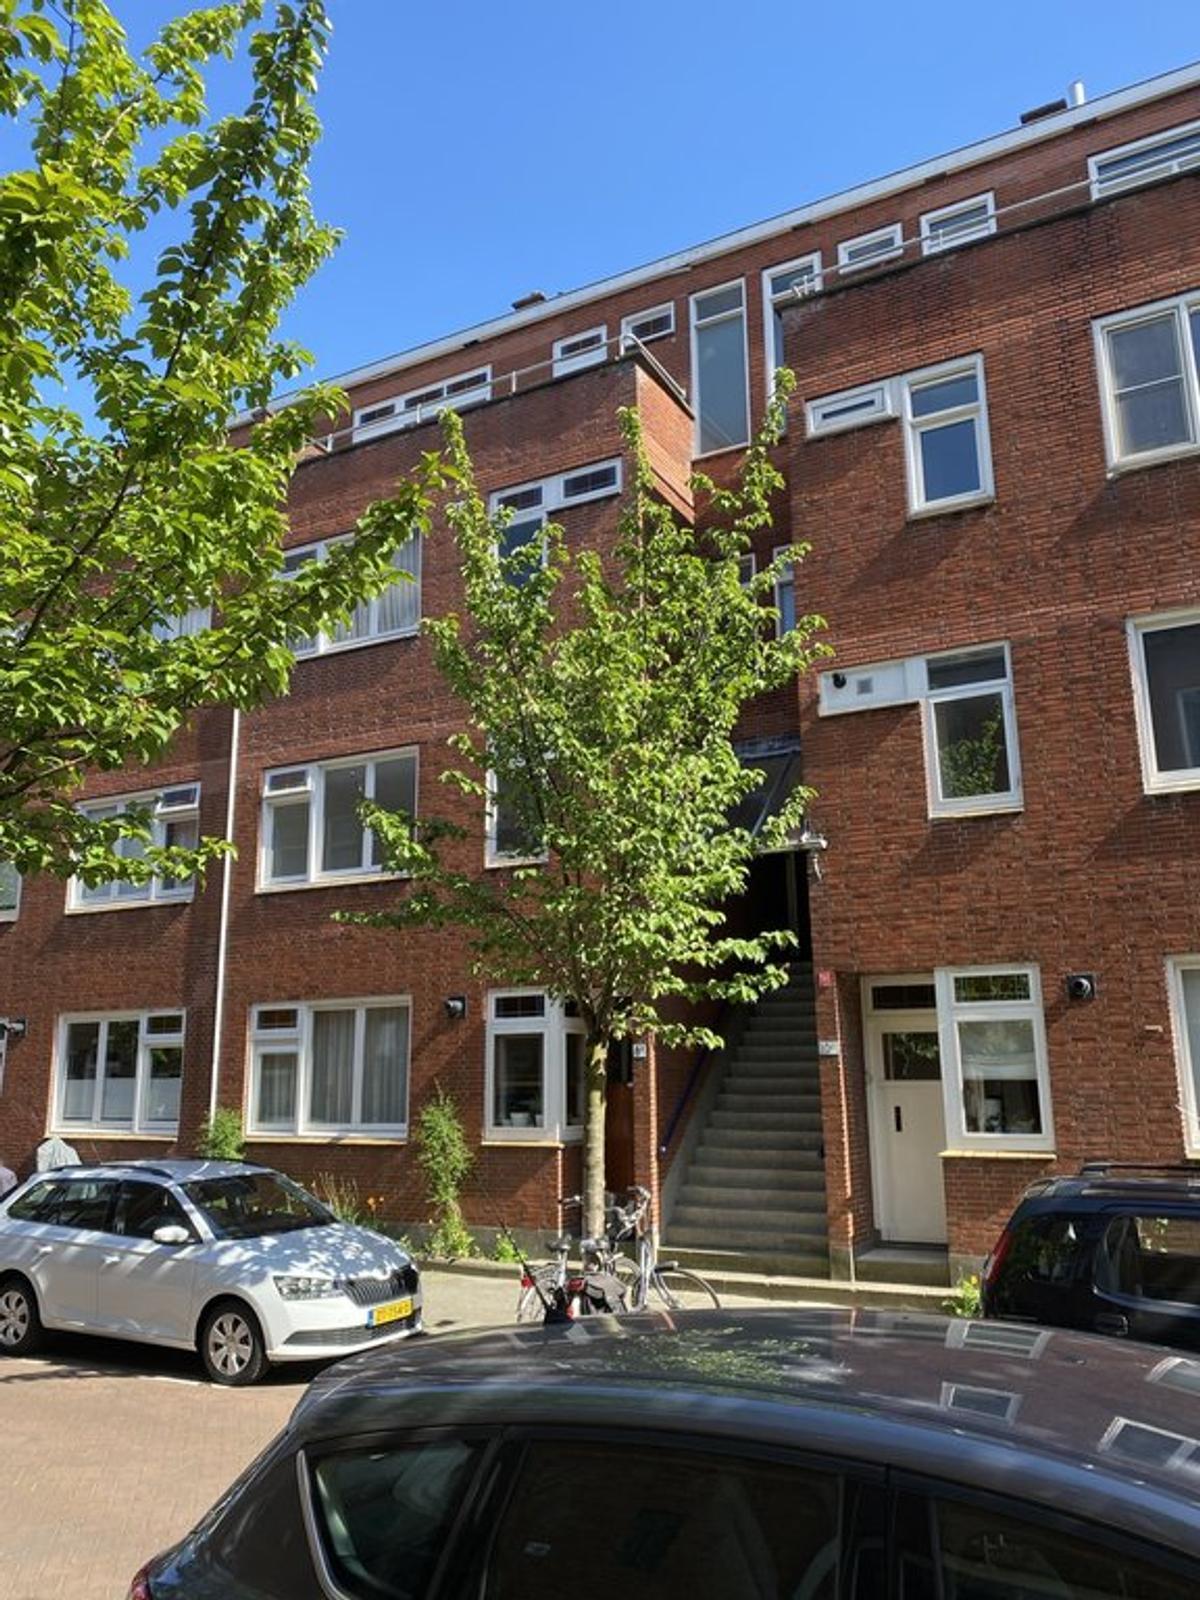 Van Vlooswijkstraat 8